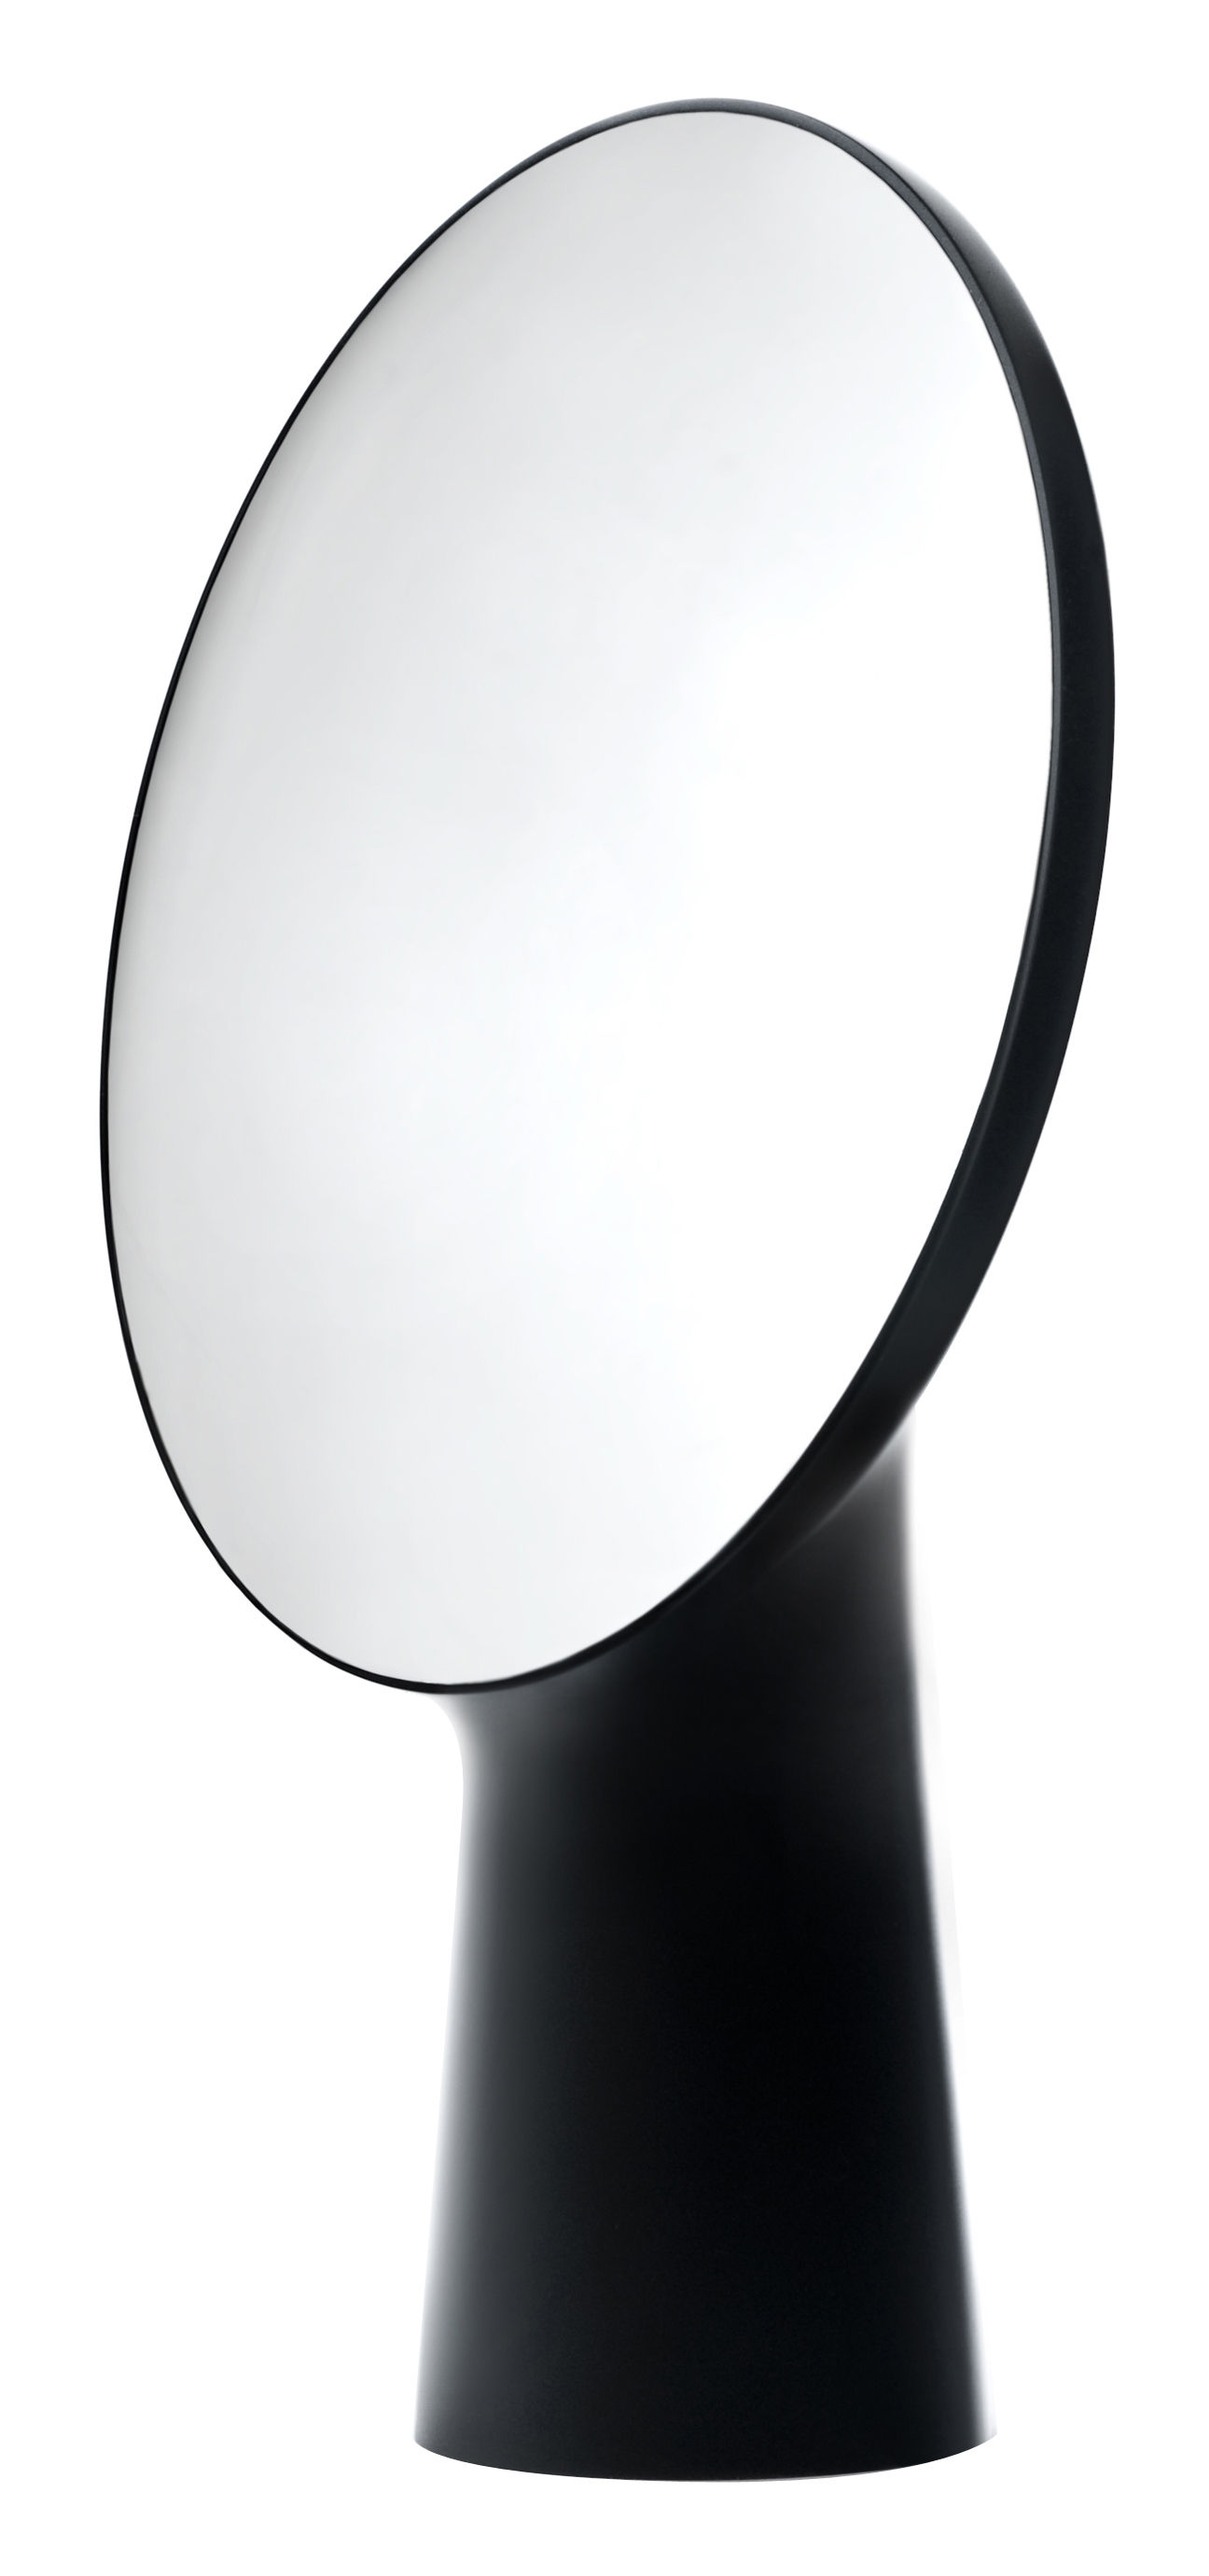 Möbel - Spiegel - Cyclope Stellspiegel H 46,5 cm - Moustache - Schwarz - Terrakotta